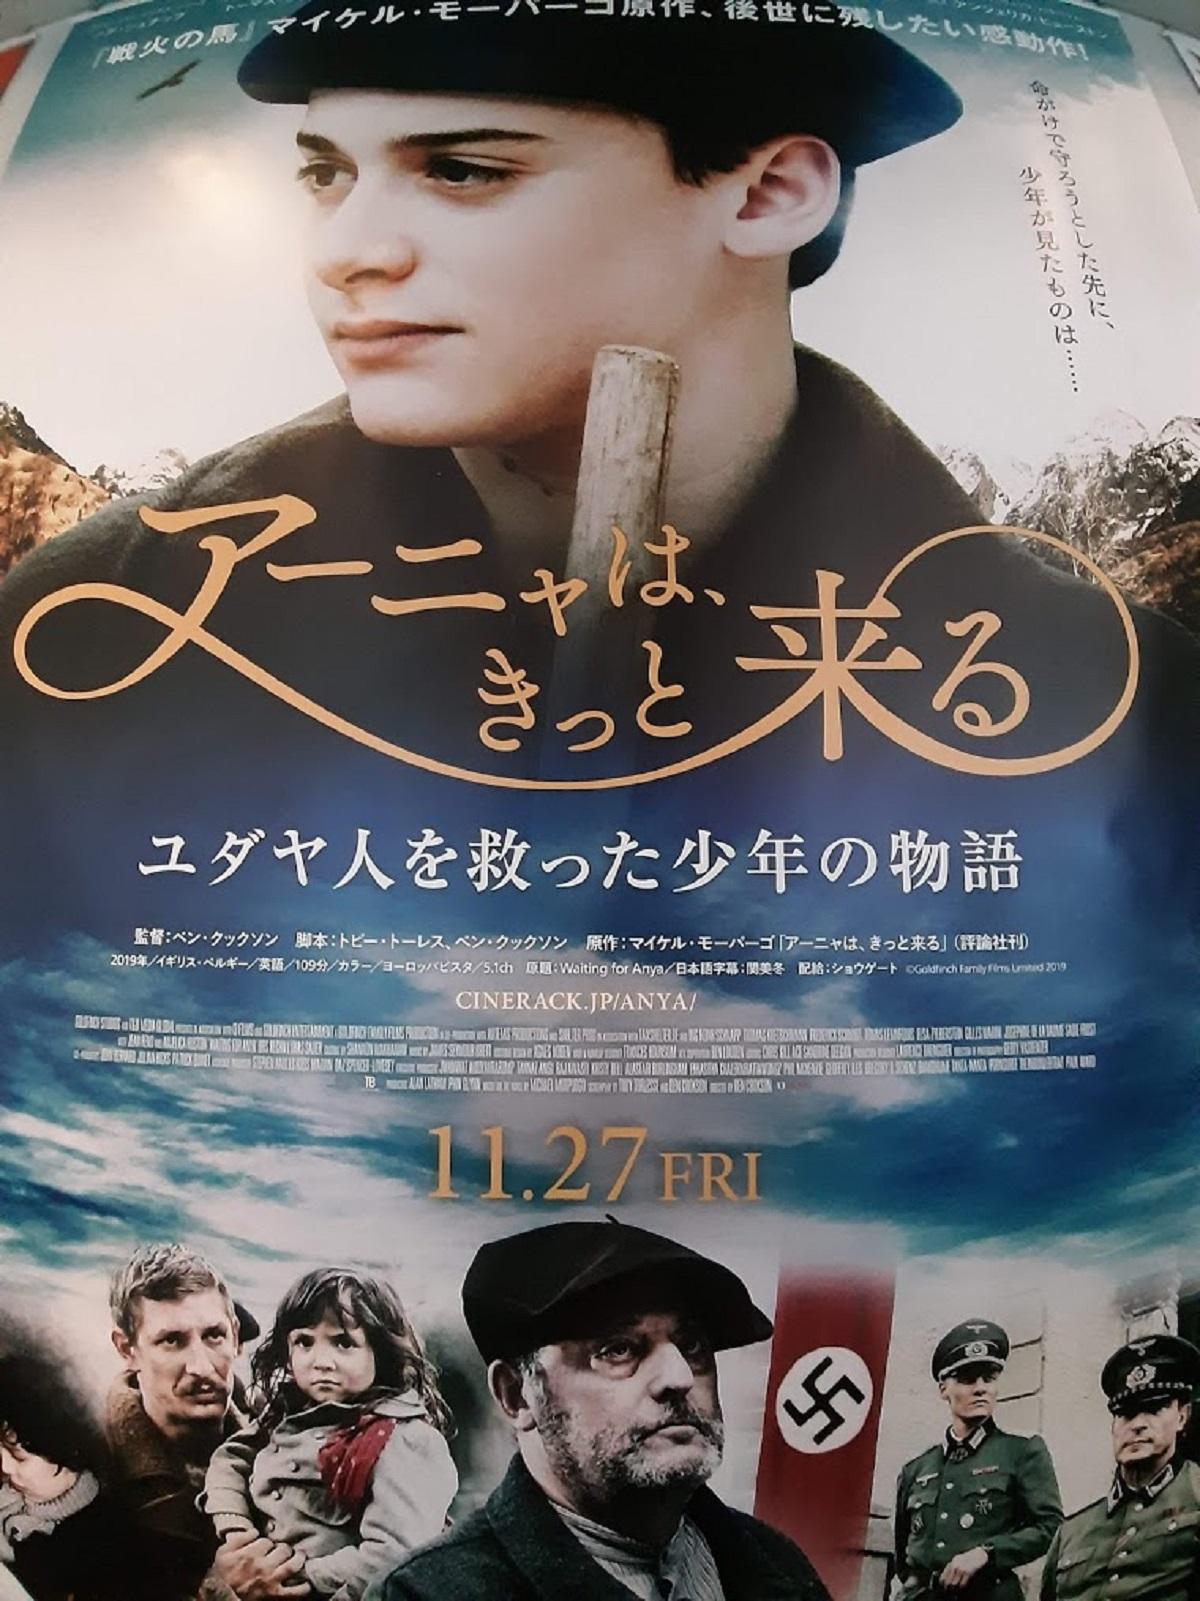 映画『アーニャは、きっと来る』のチラシポスター